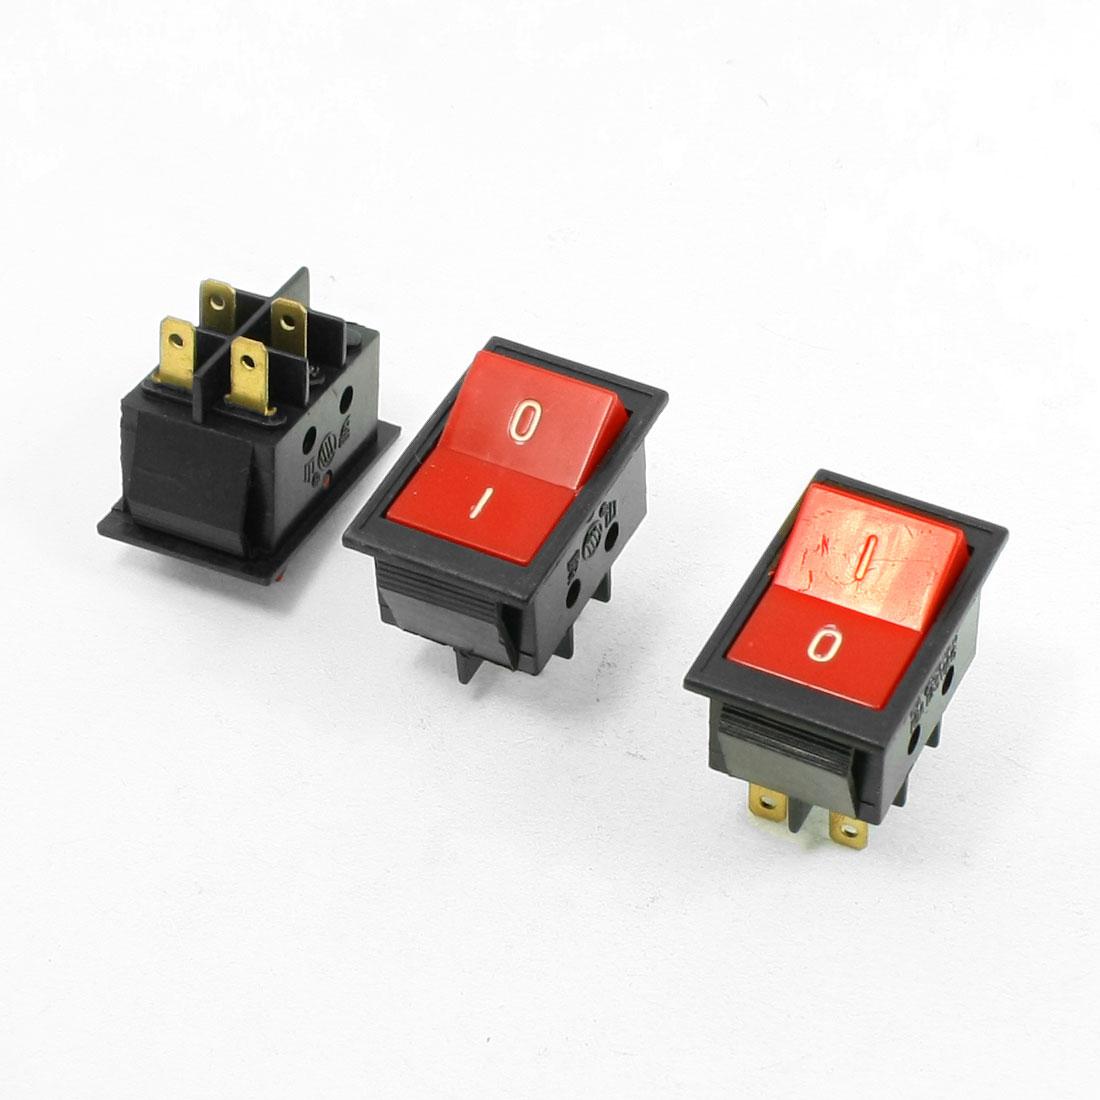 3 Pcs Red Button On/Off DPDT Boat Rocker Switch 6A/250V 10A/125V AC